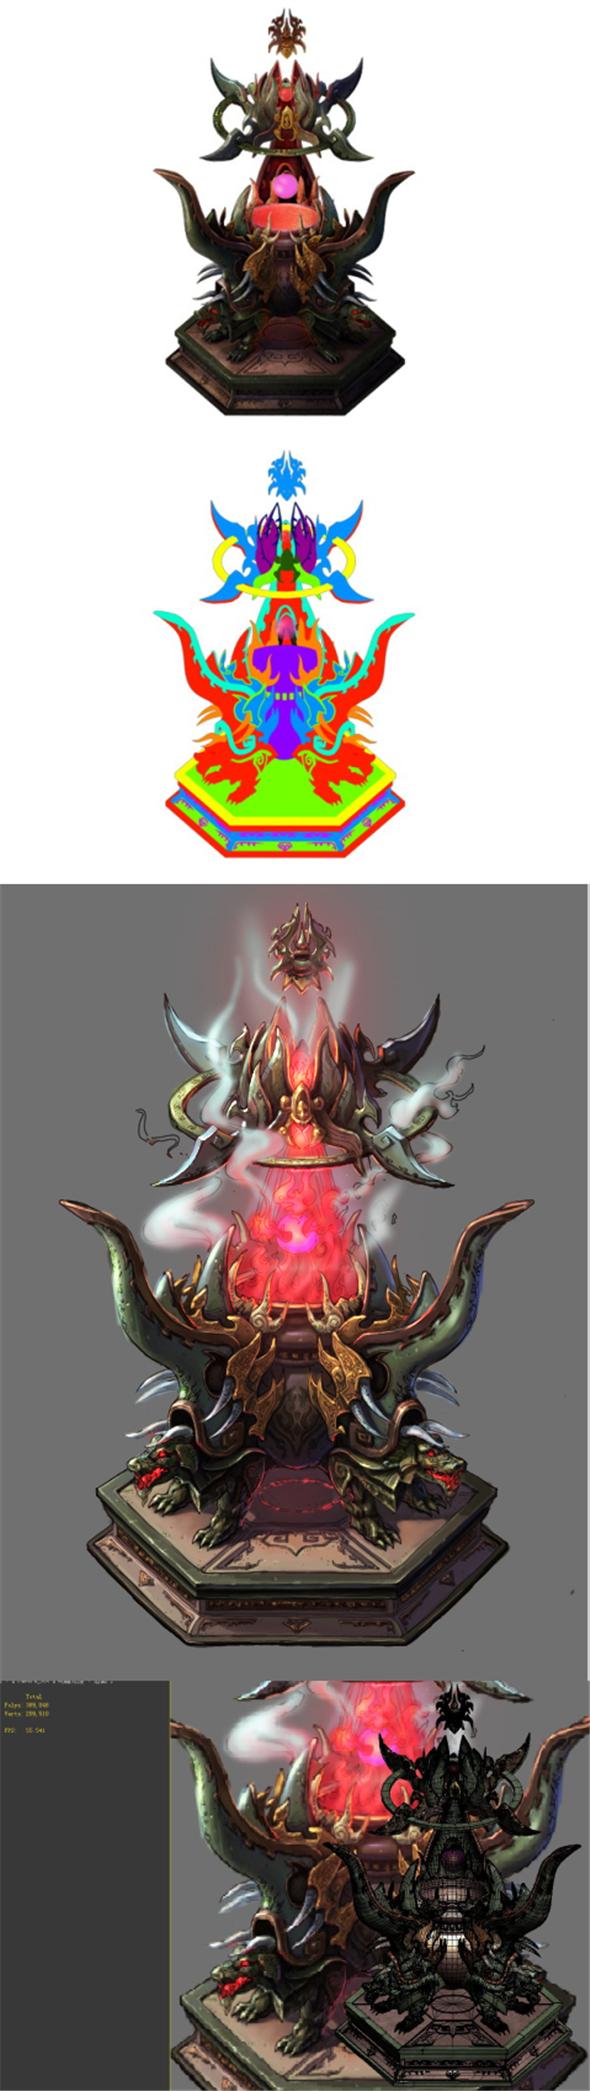 Game Model - Family Objects - Devil Soul Eater Dan furnace 02 - 3DOcean Item for Sale